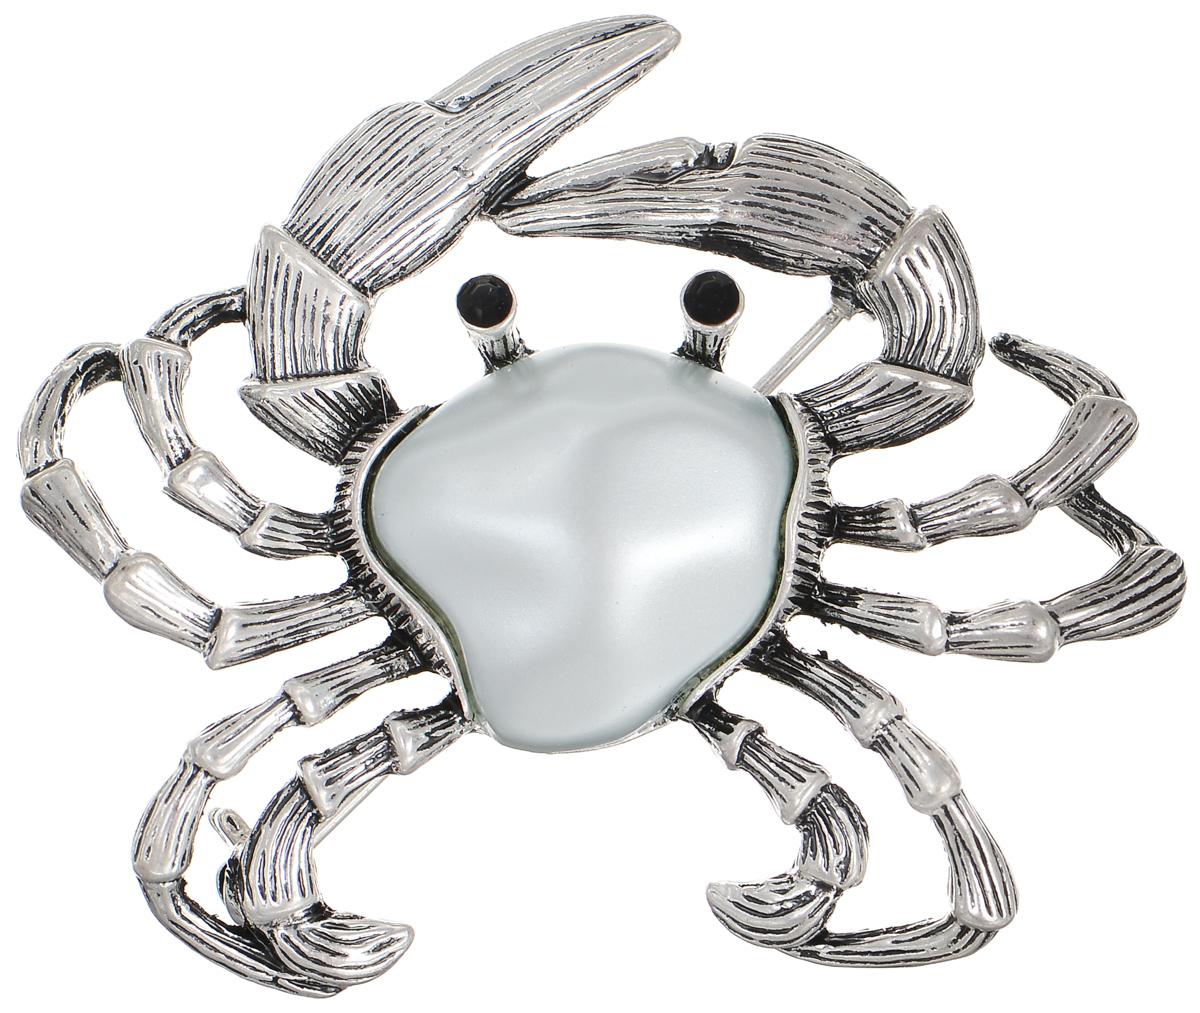 Брошь Selena Street Fashion, цвет: серебристый. 3002655030026550Оригинальная брошь Selena Street Fashion изготовлена из металла с родиевым покрытием. Брошь, выполненная в виде краба, дополнена кристаллами Preciosa и вставкой из искусственного жемчуга. Изделие крепится с помощью замка-булавки. Такая брошь позволит вам с легкостью воплотить самую смелую фантазию и создать собственный неповторимый образ.